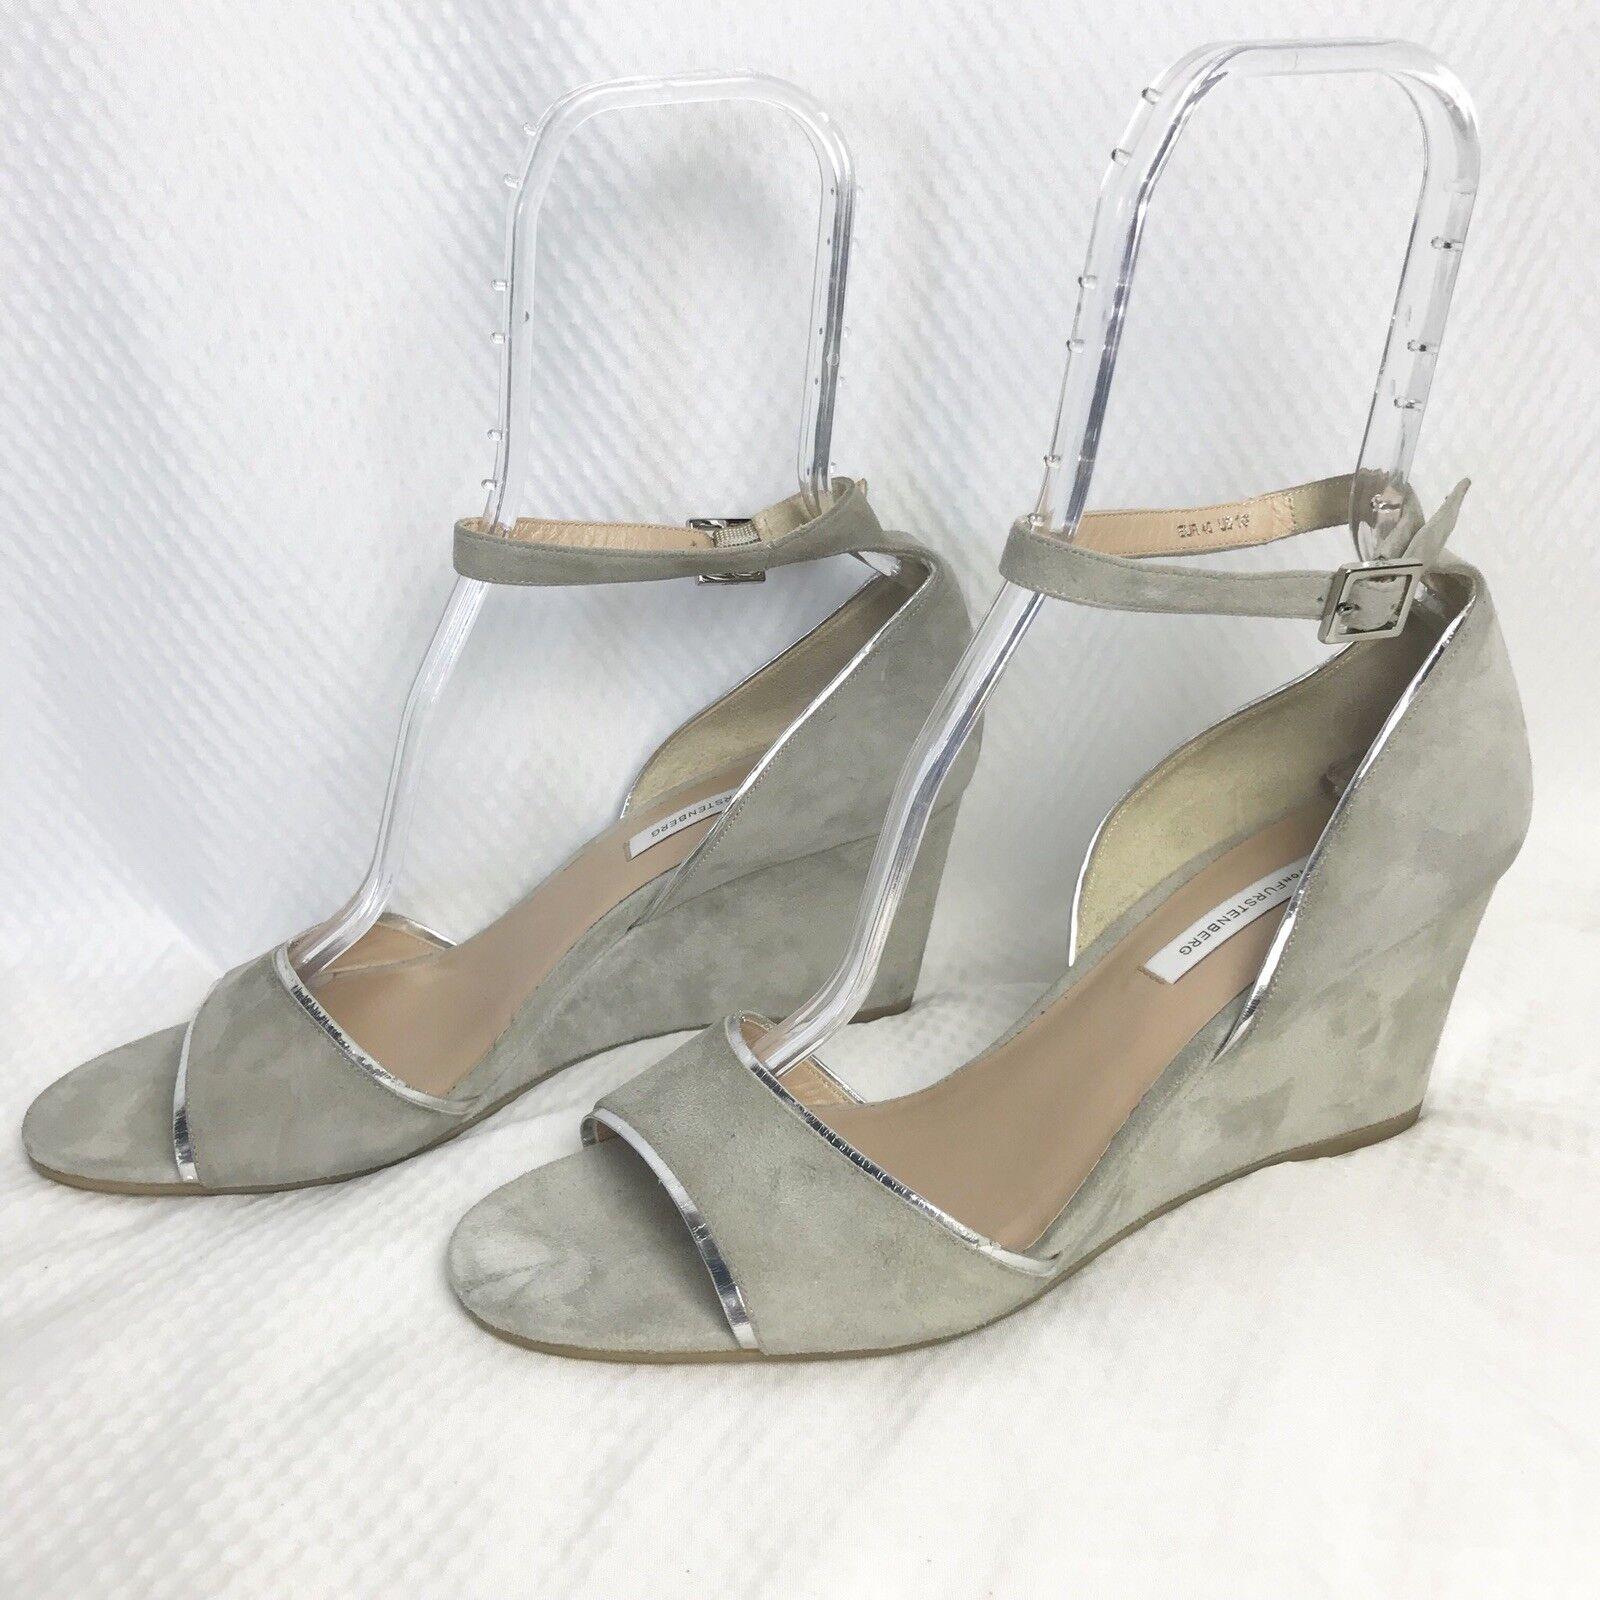 Diane von Furstenberg Grey 'asti' Suede Sandals 10M Wedges shoes NWOB R